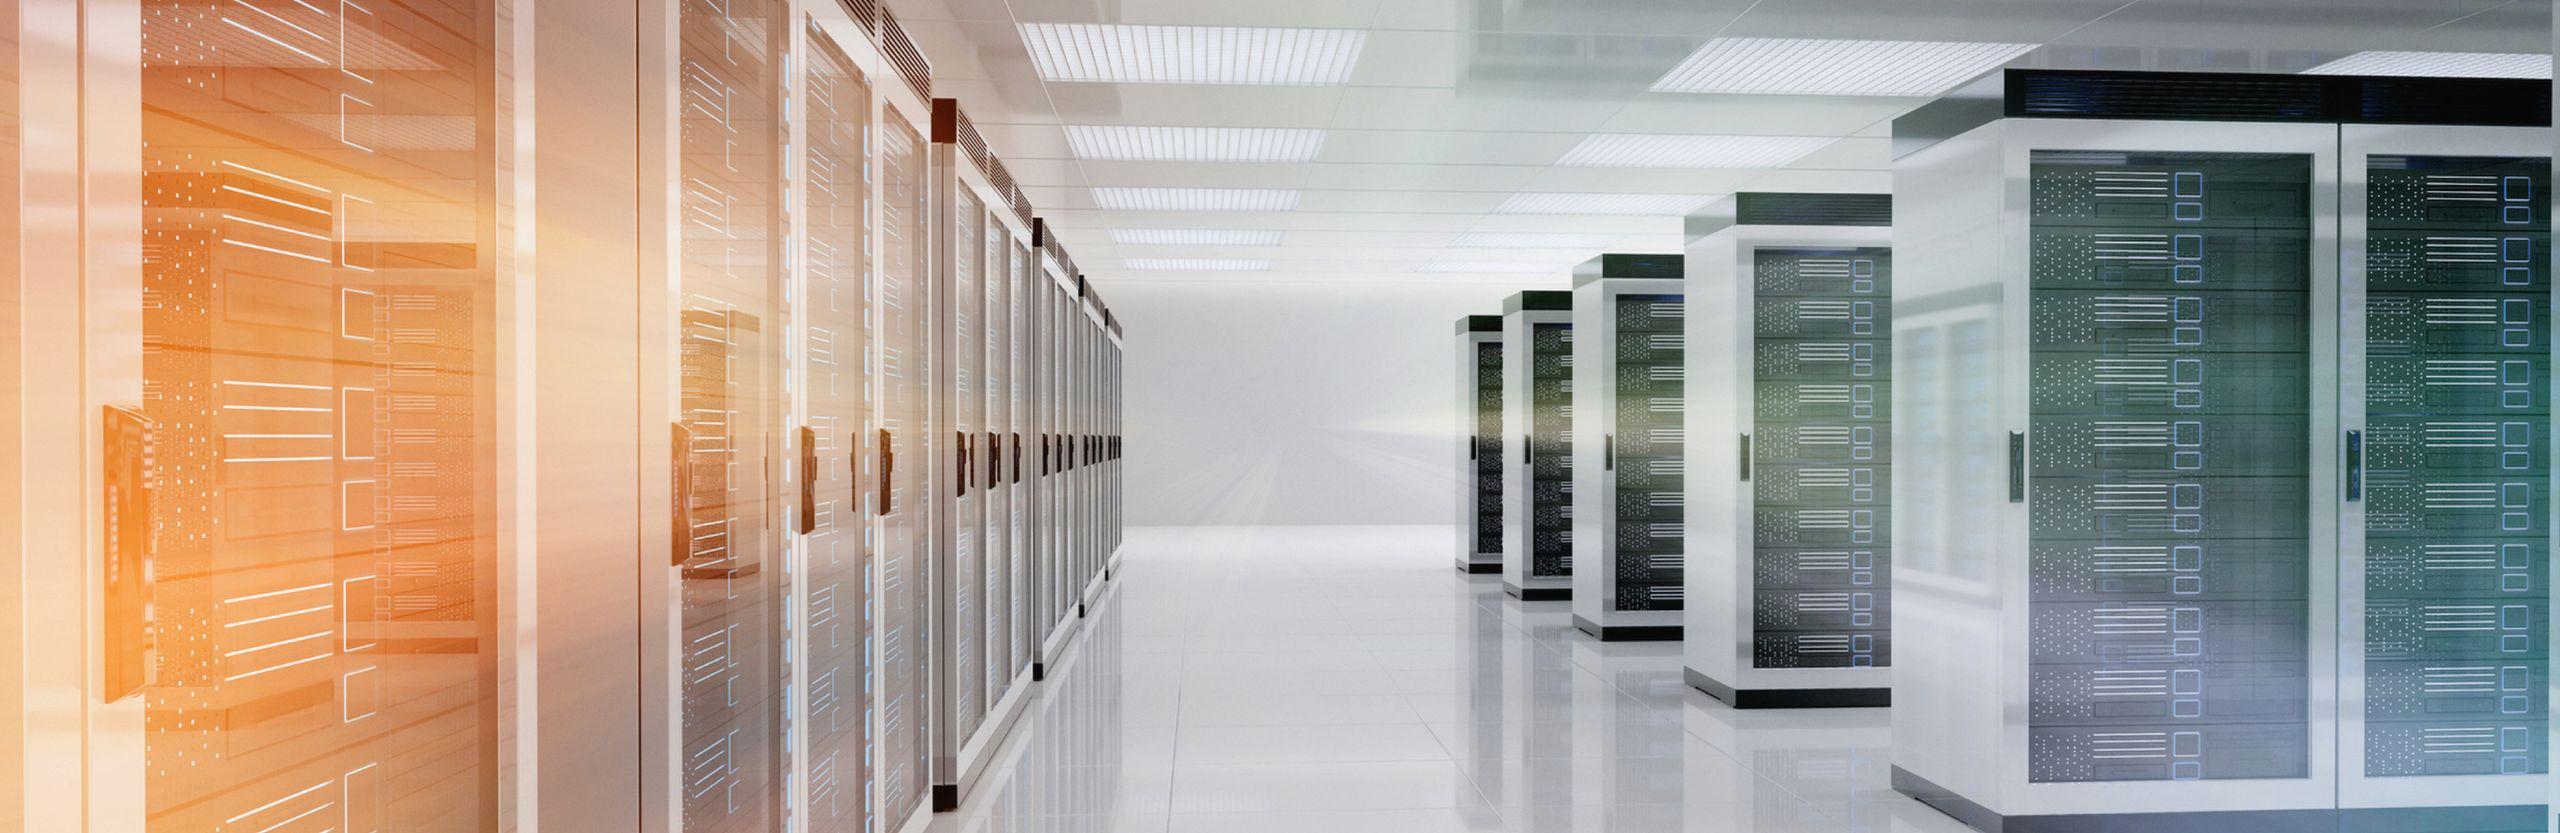 Photo de salle bleue de centre de données